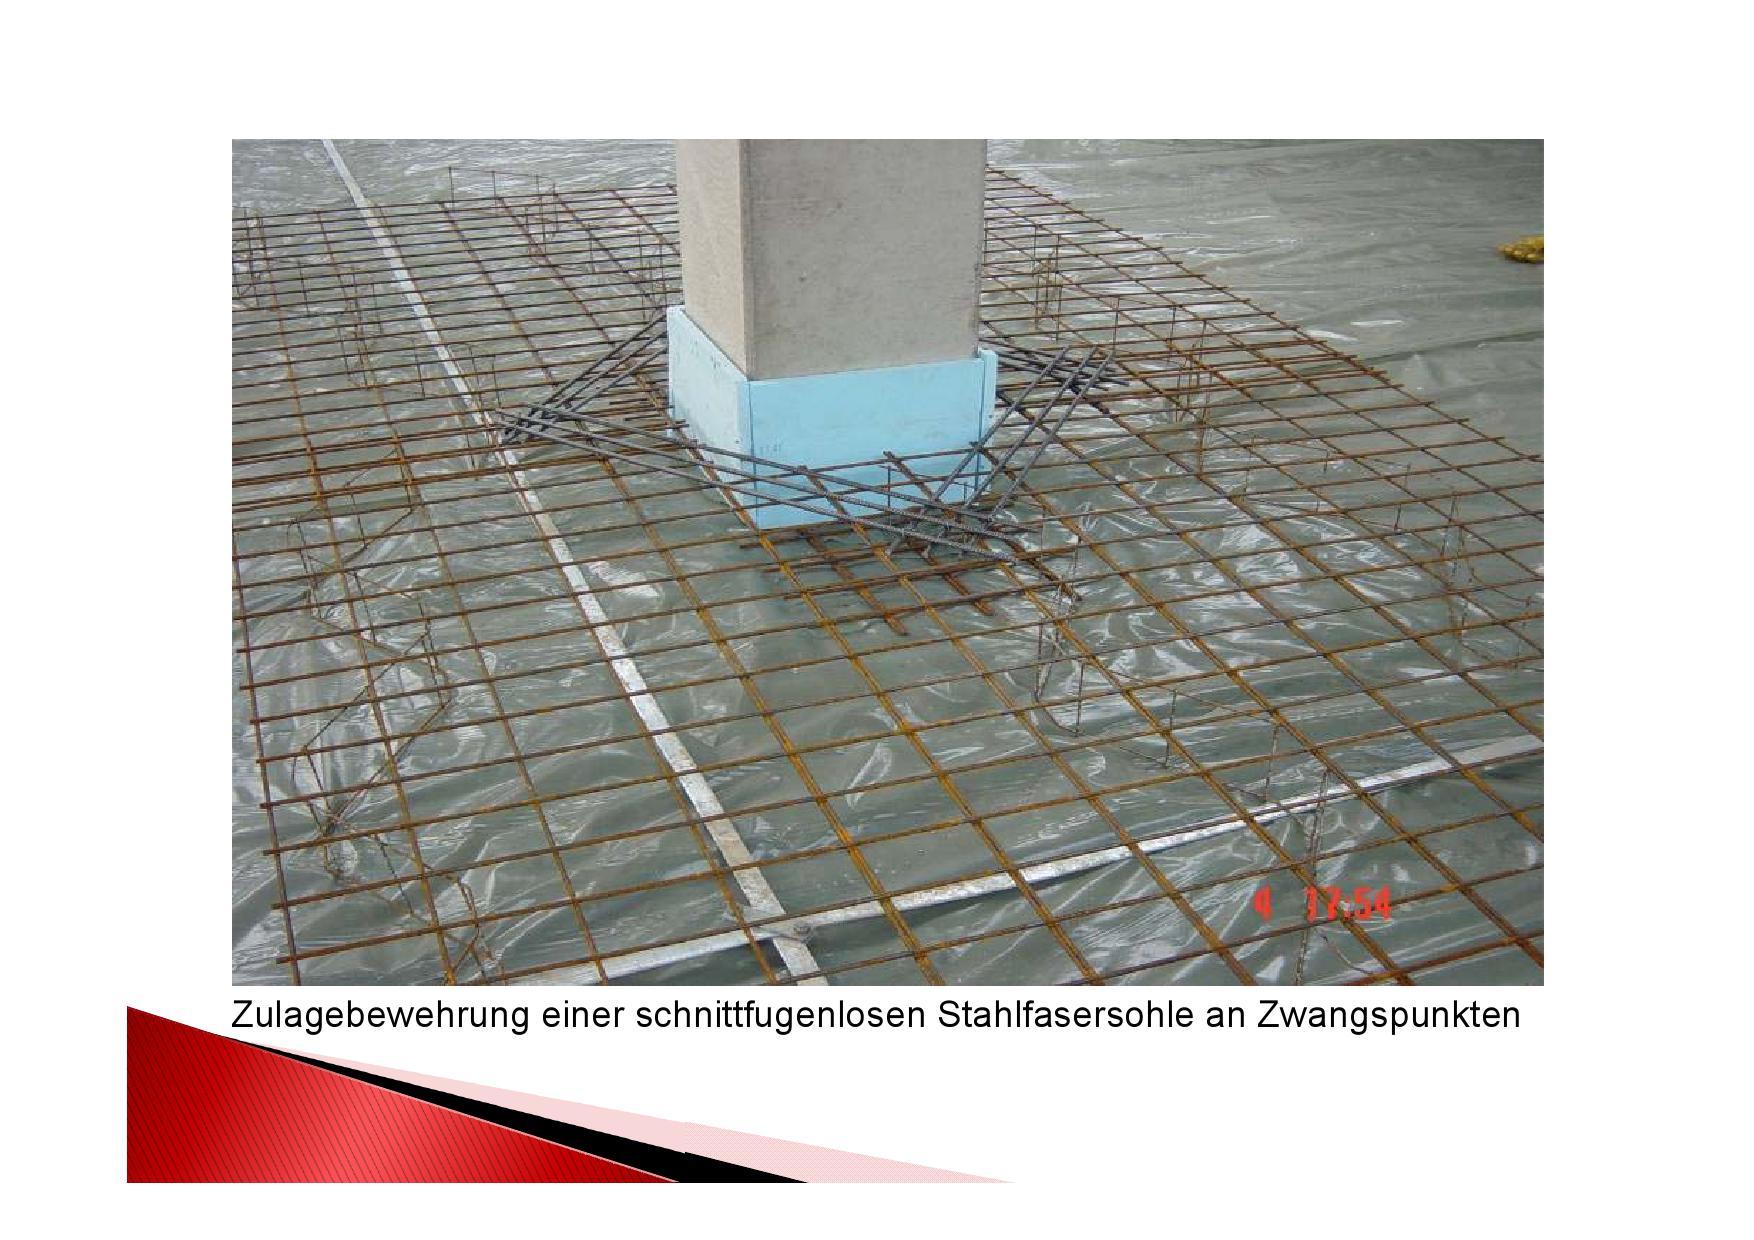 Zulagebewehrung einer schnittfugenlosen Stahlfasersohle an Zwangspunkten